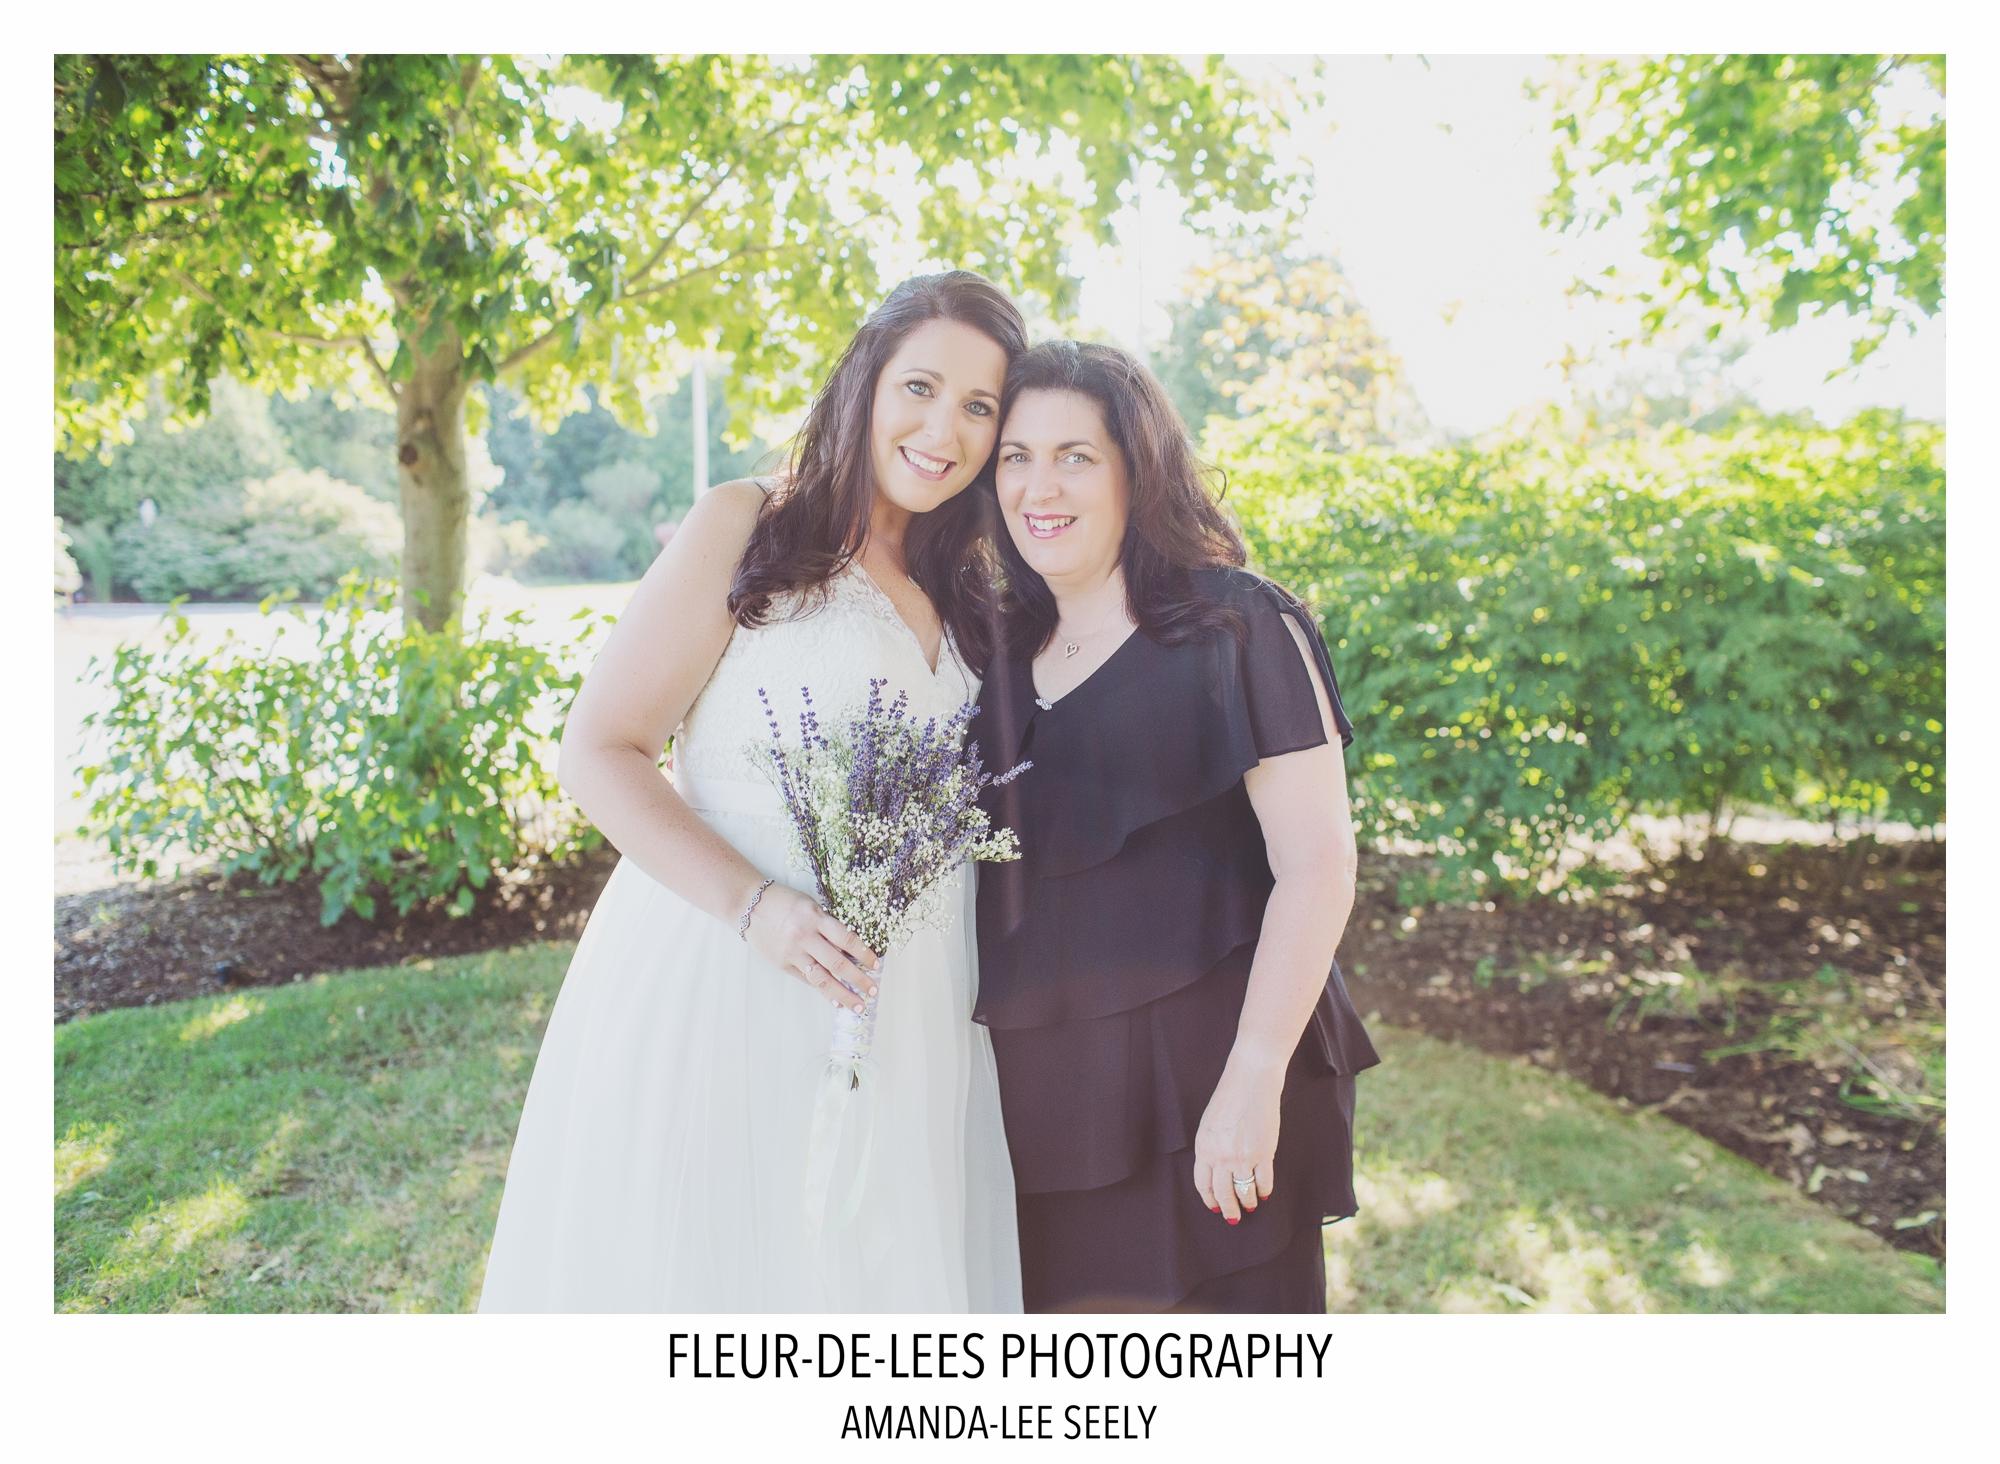 BLOG RACHEL AND AMANDA WEDDING 27